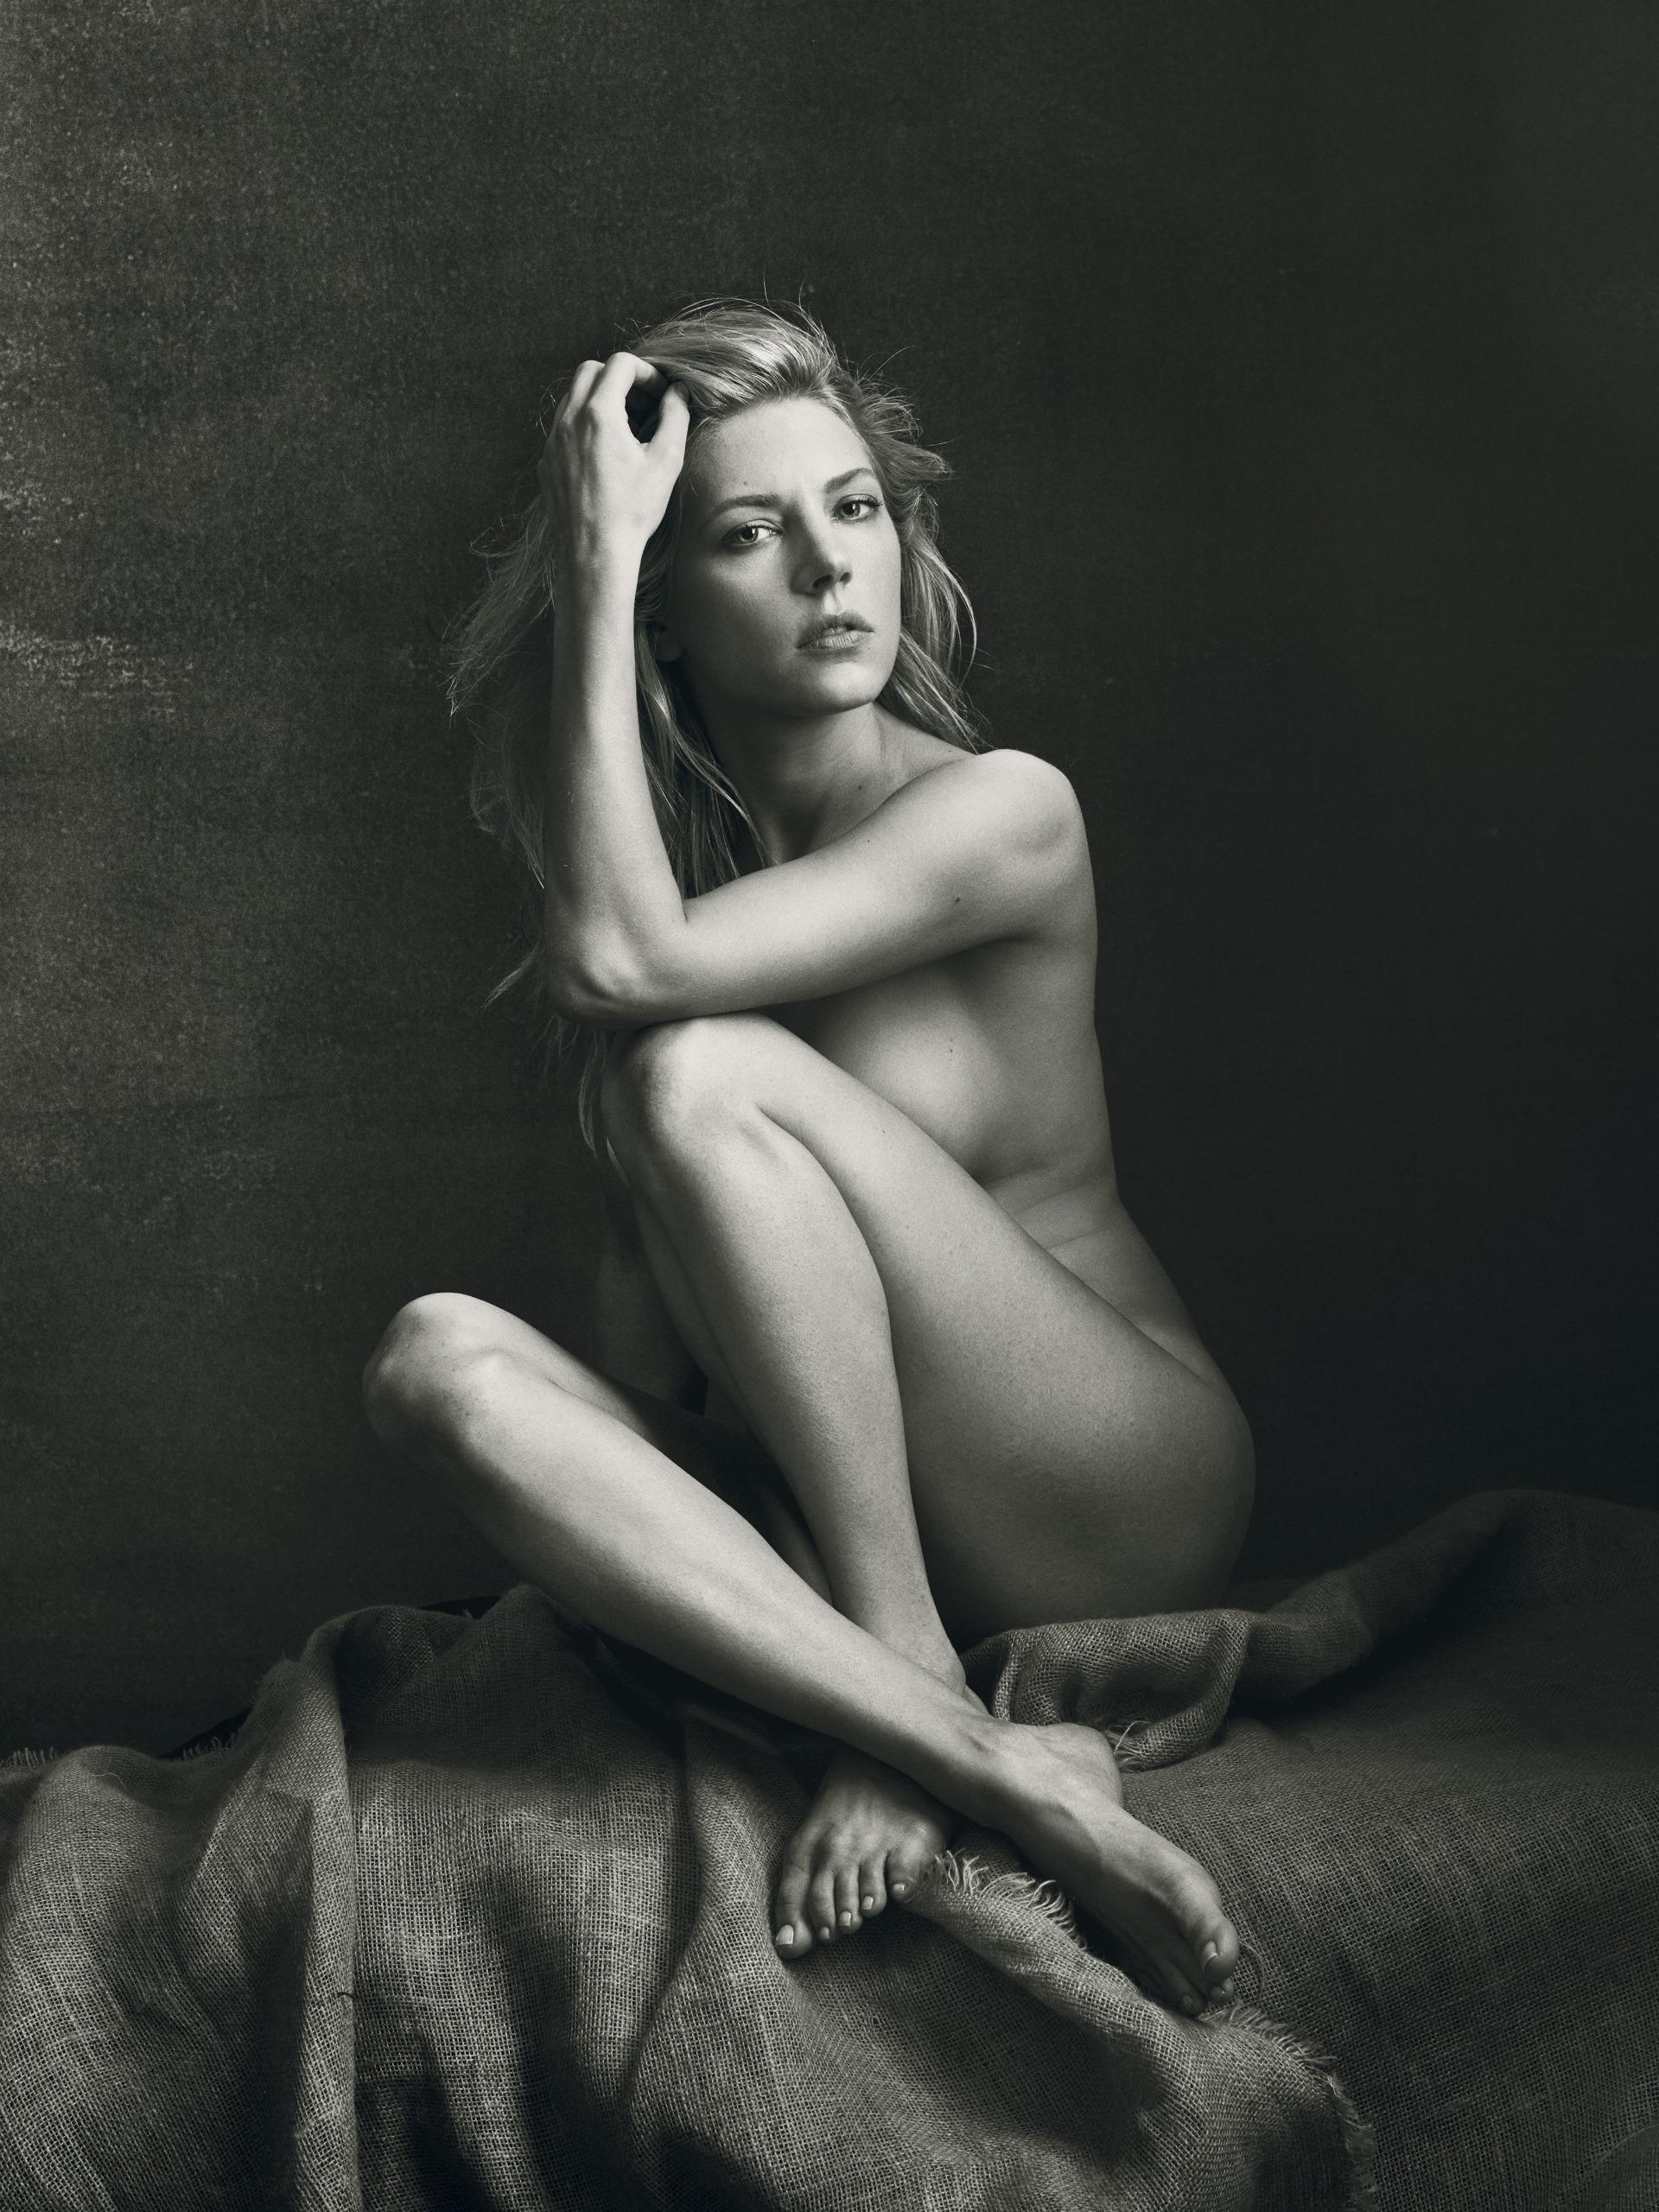 Katheryn Winnick Allure nude issue